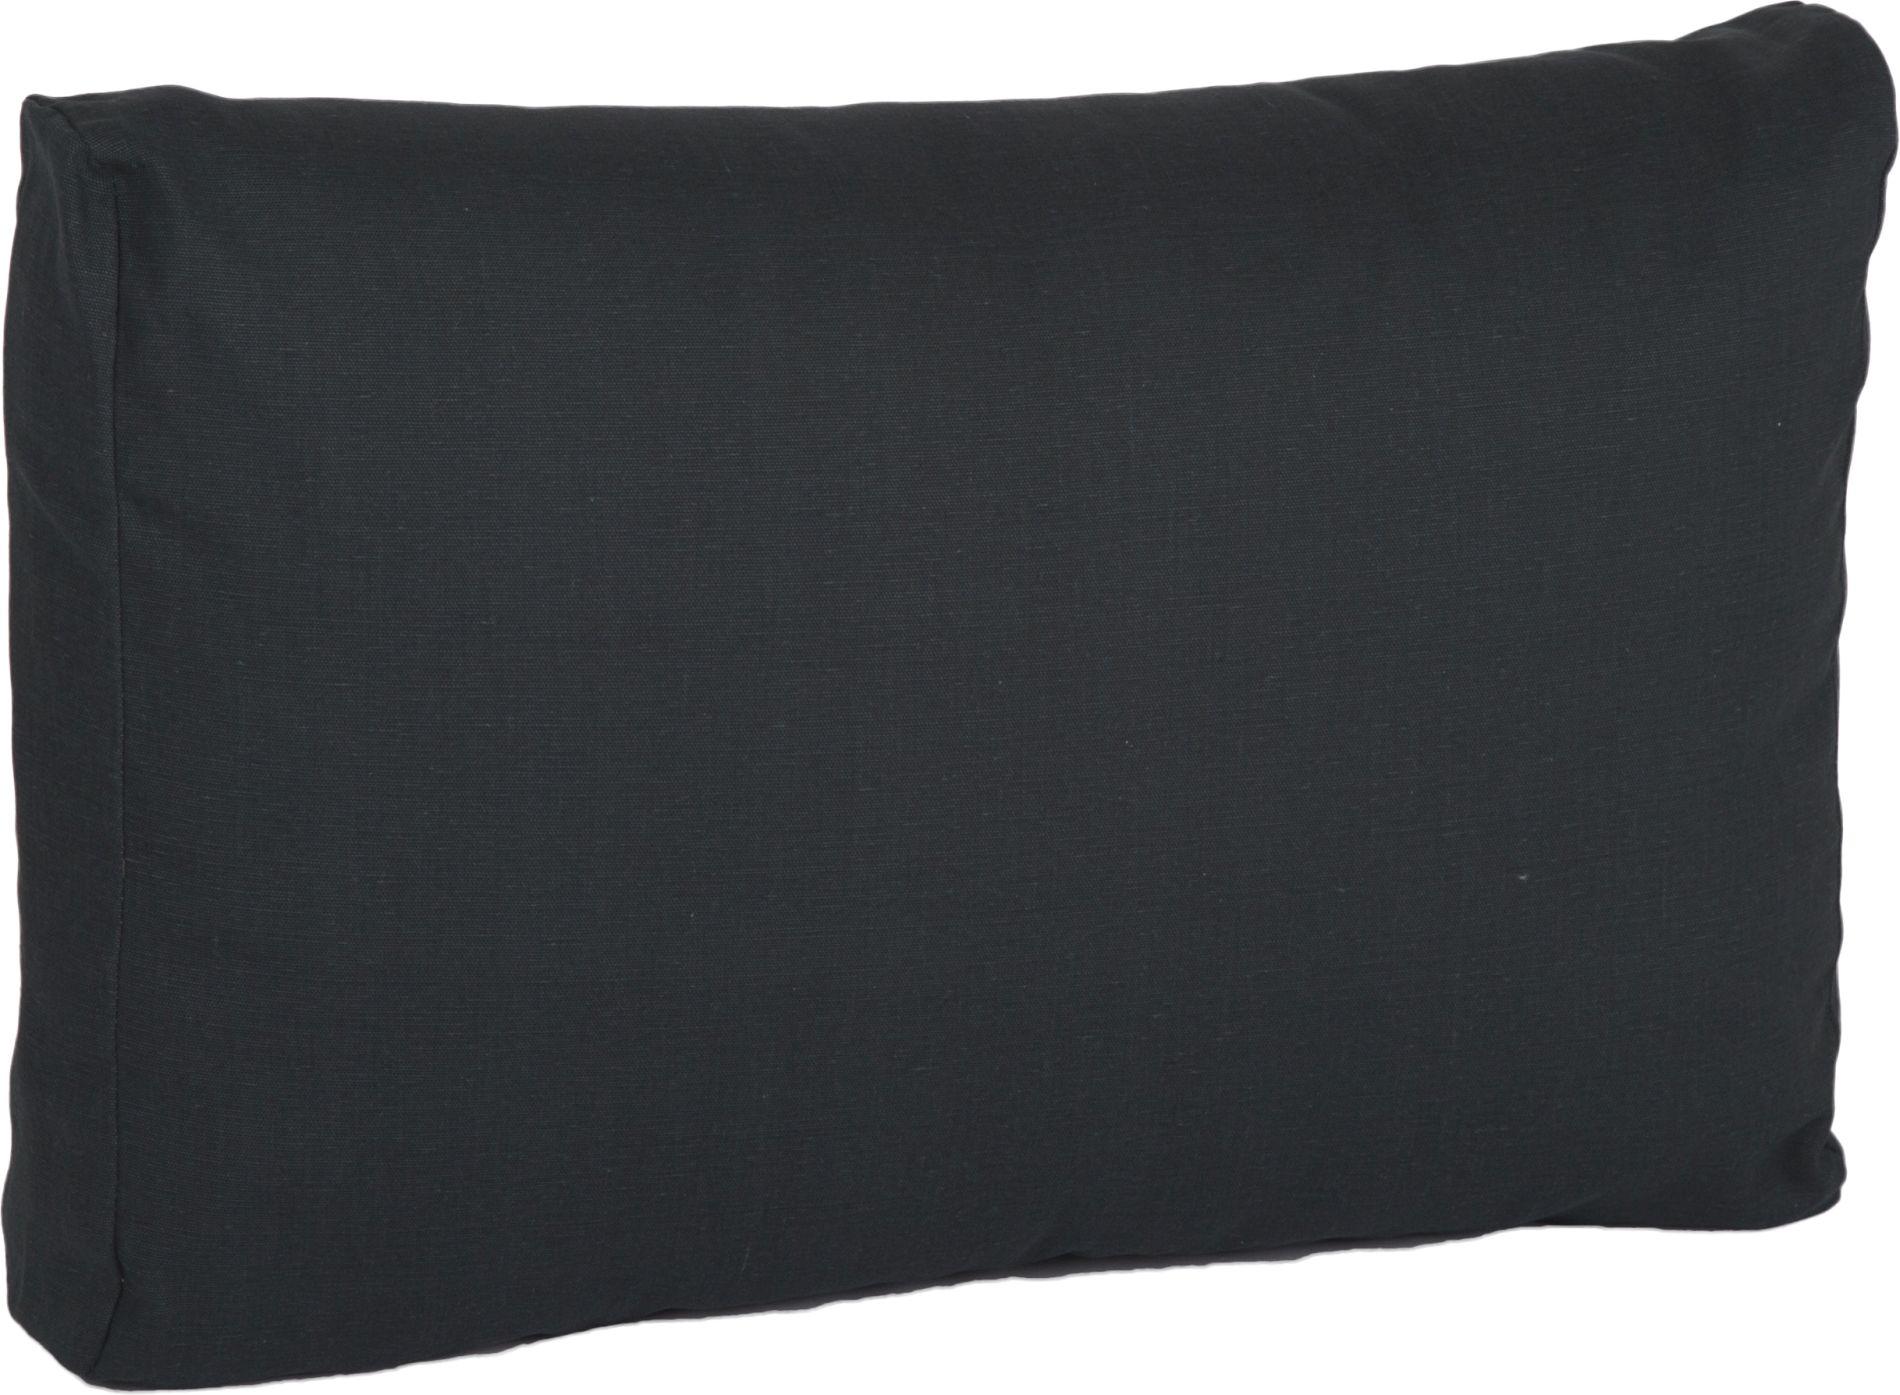 acamp Weekend Rückenkissen für Erweiterungselement anthrazit 64 x 42 x 22 cm